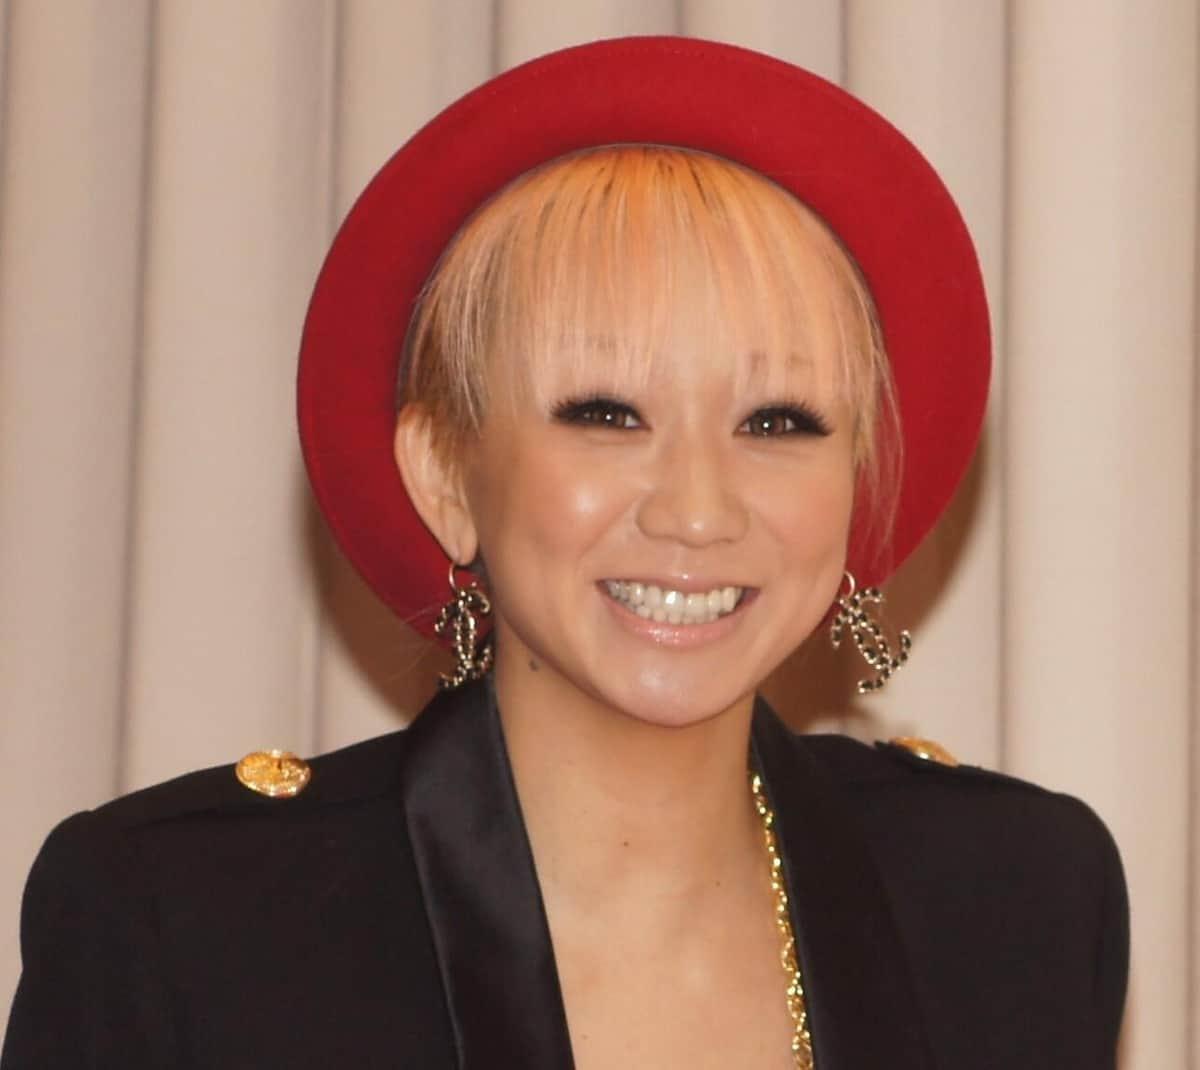 倖田來未の「リアル春麗」スタイルに絶賛の声 大胆スリット&お団子ヘアで「可愛いです!」